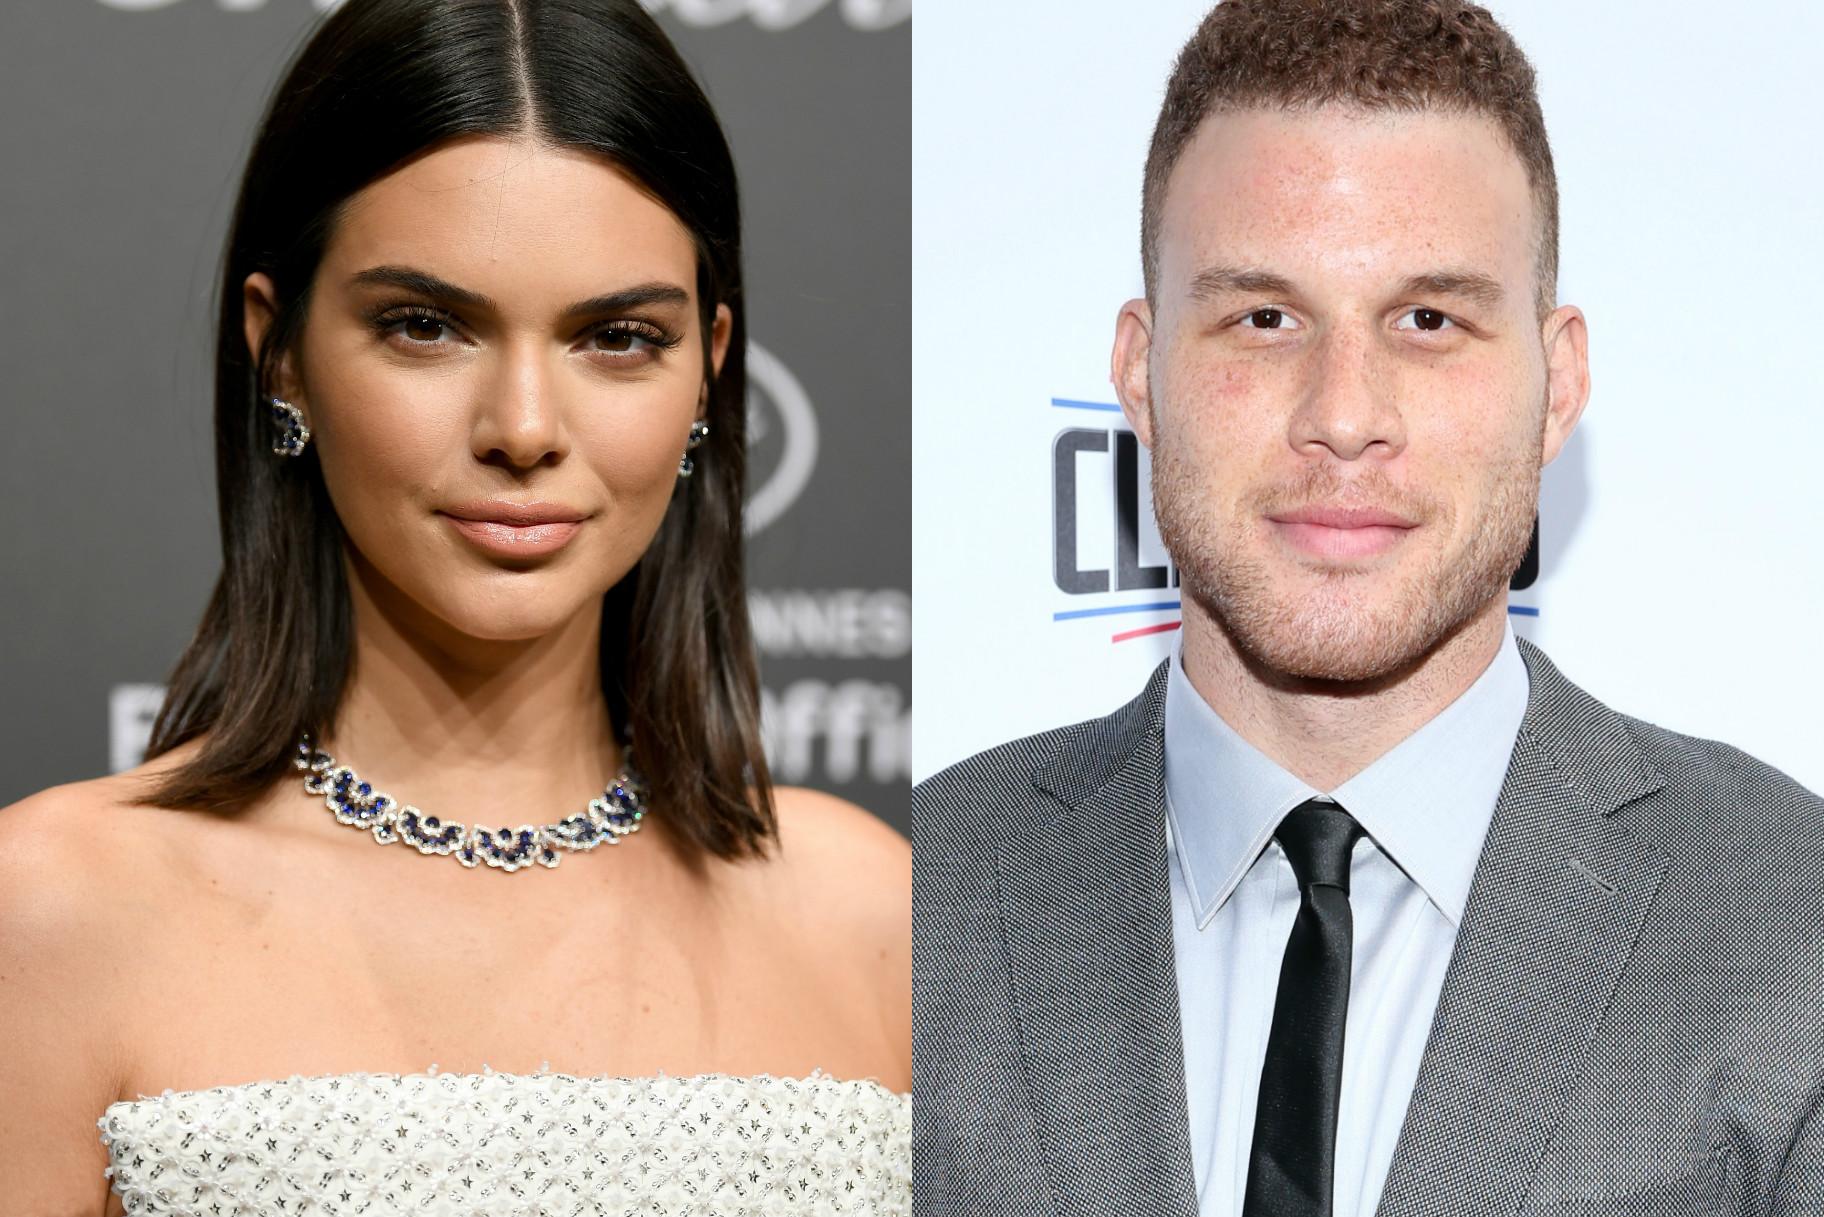 Blake Griffin demandado por ex prometida que dice que dejó a su familia por Kendall Jenner